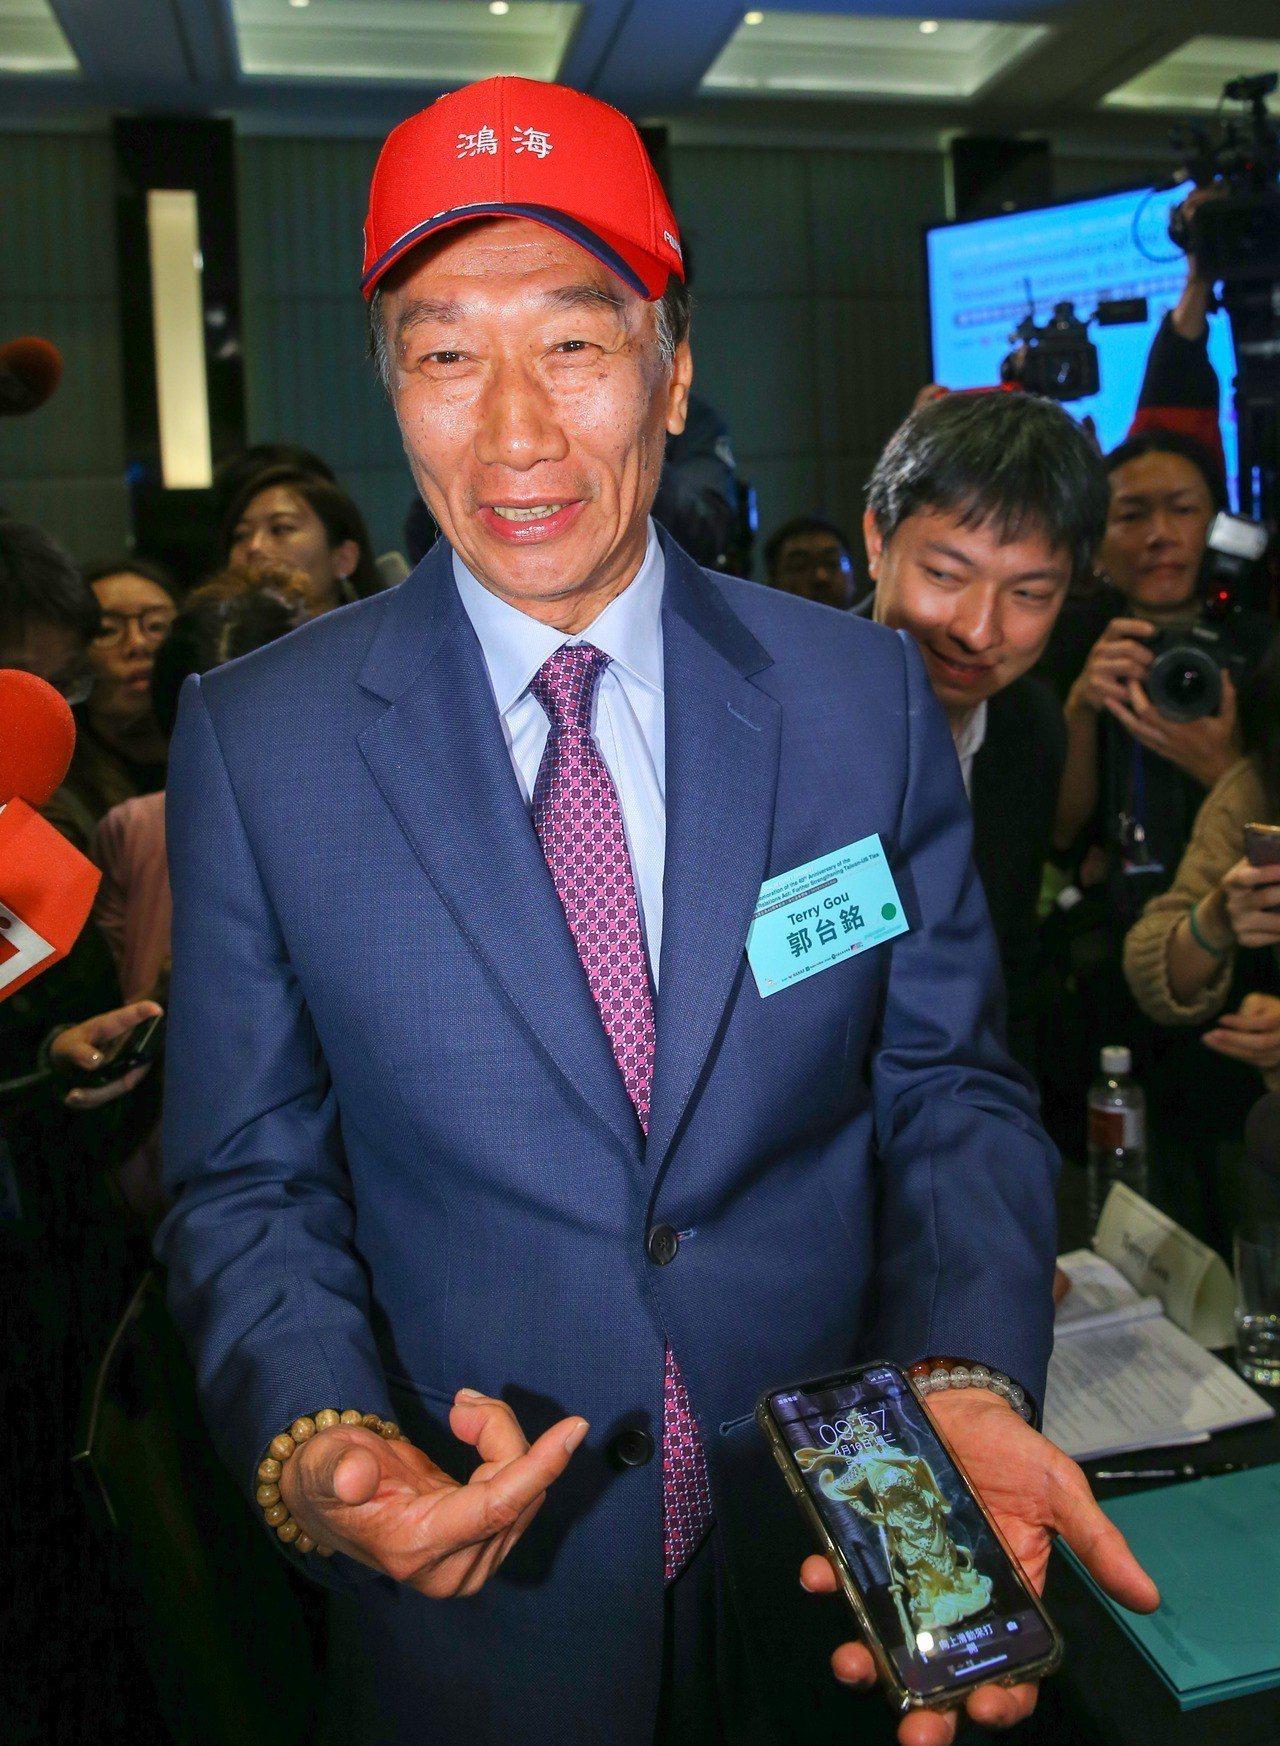 鴻海董事長郭台銘上午出席印太論壇,媒體提問是否考慮選總統,他說,參選總統將向國人...